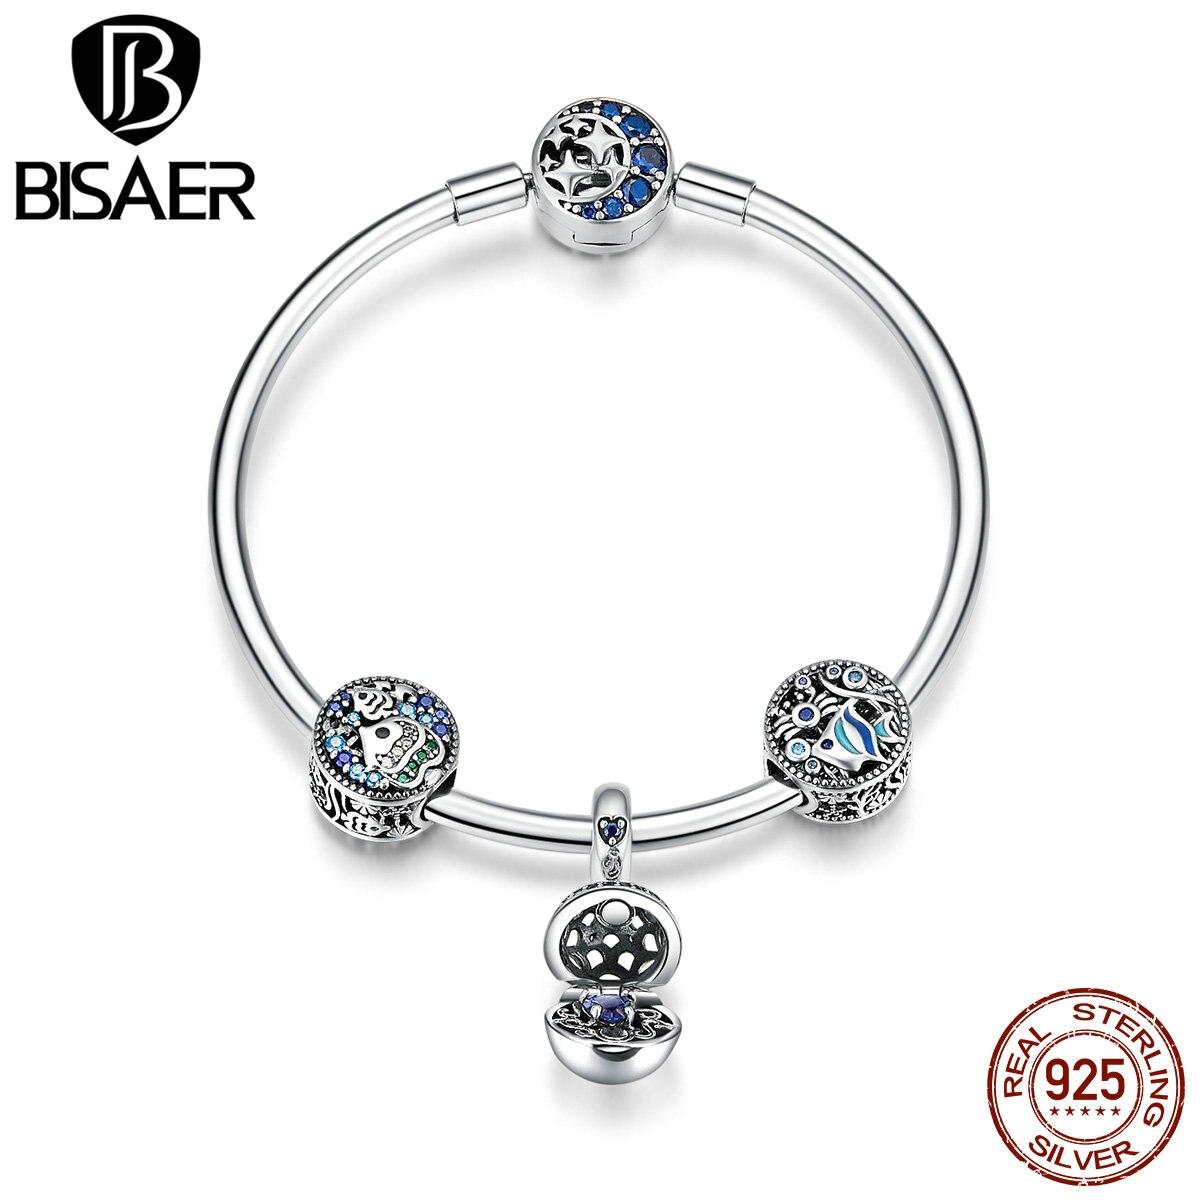 BISAER 925 argent Sterling bleu océan Tropical poisson lune étoile femmes Bracelets Femme Bracelets bijoux en argent Sterling ECB813